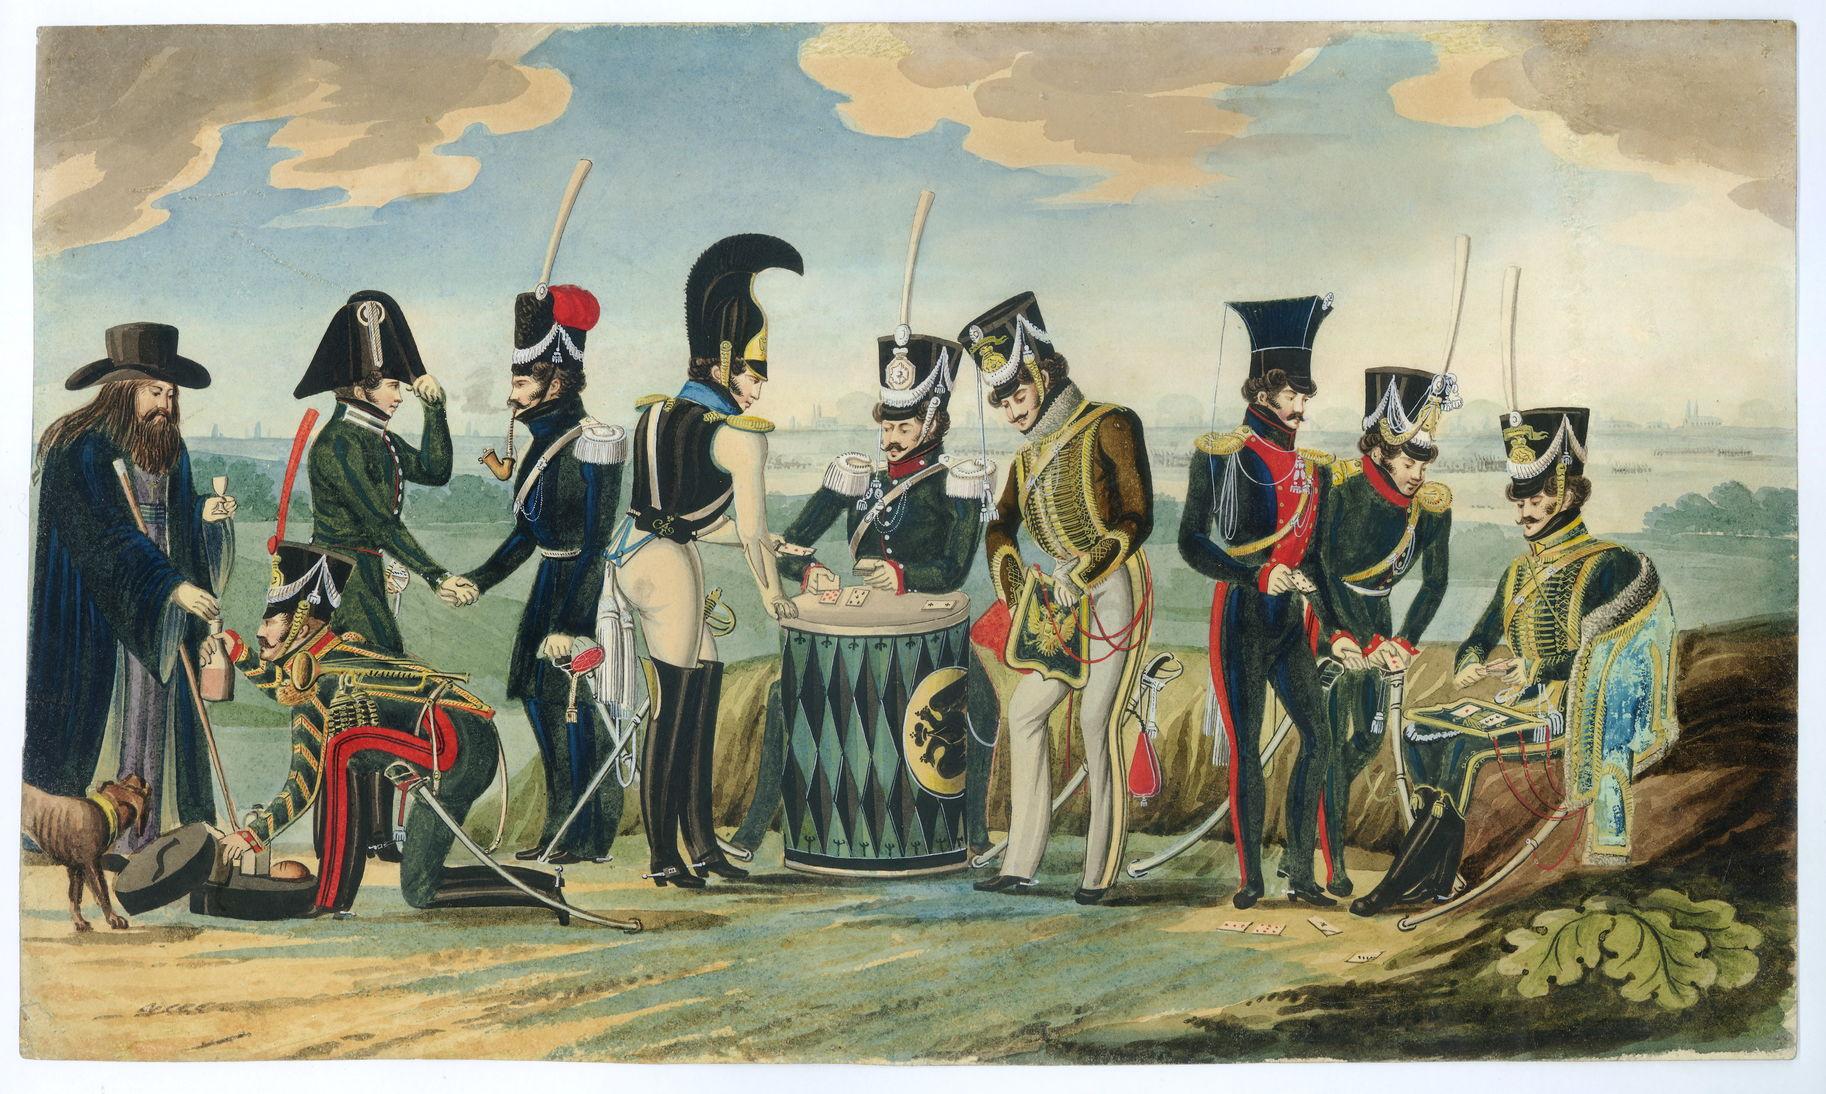 Краузе К.Ф. Сцена из военно-походной жизни 1812-1814 гг. Первая четверть XIX в. Бумага, акварель